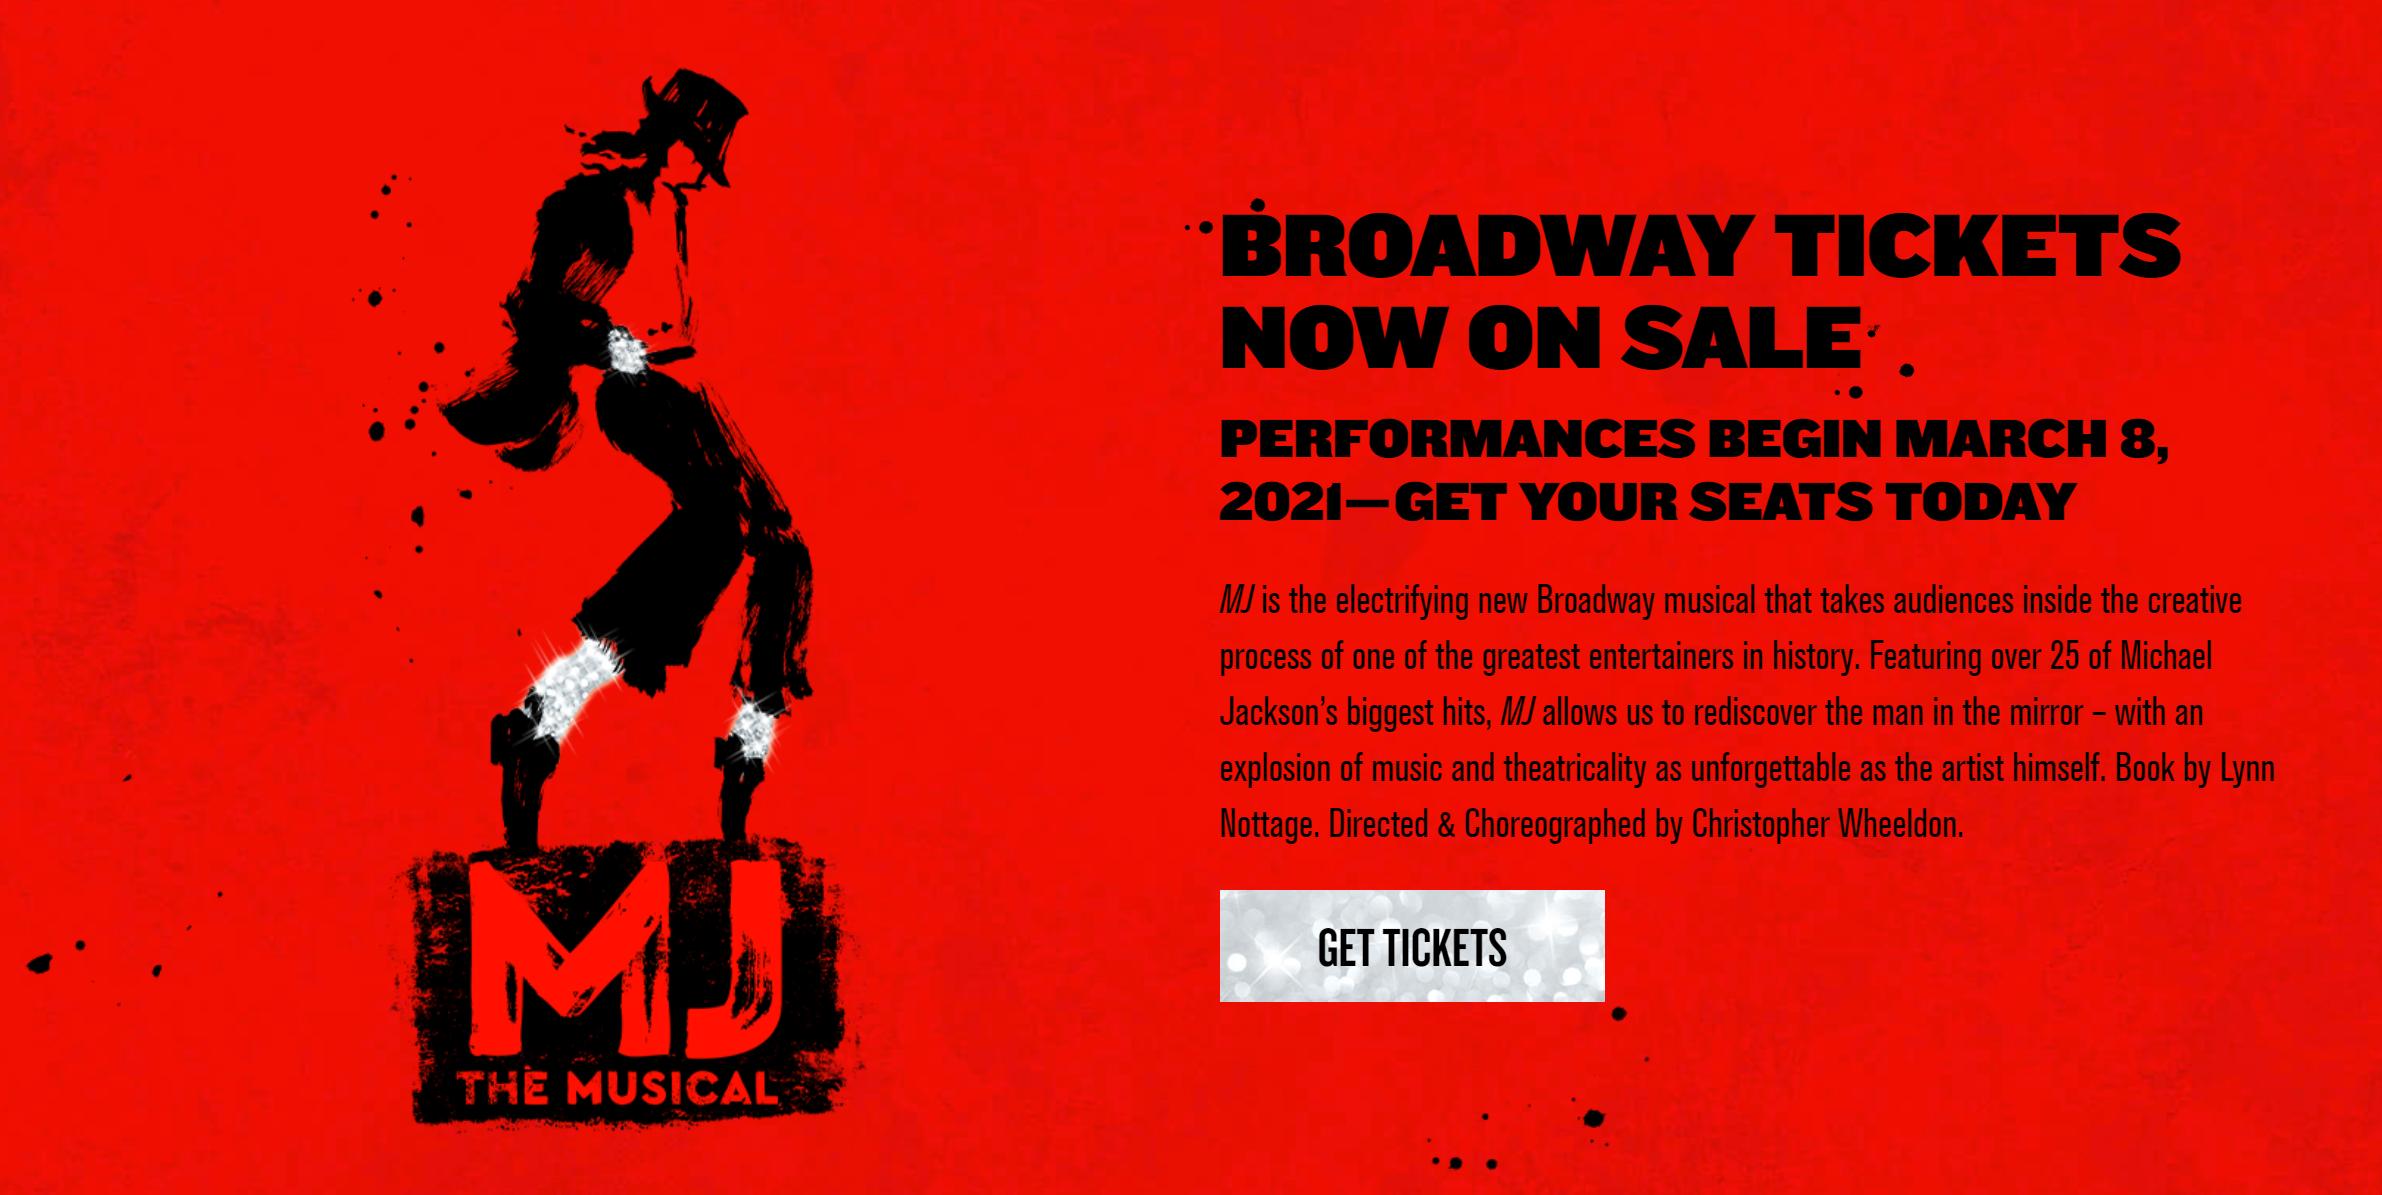 迈克尔·杰克逊传记音乐剧改档,延至明年3月百老汇预演